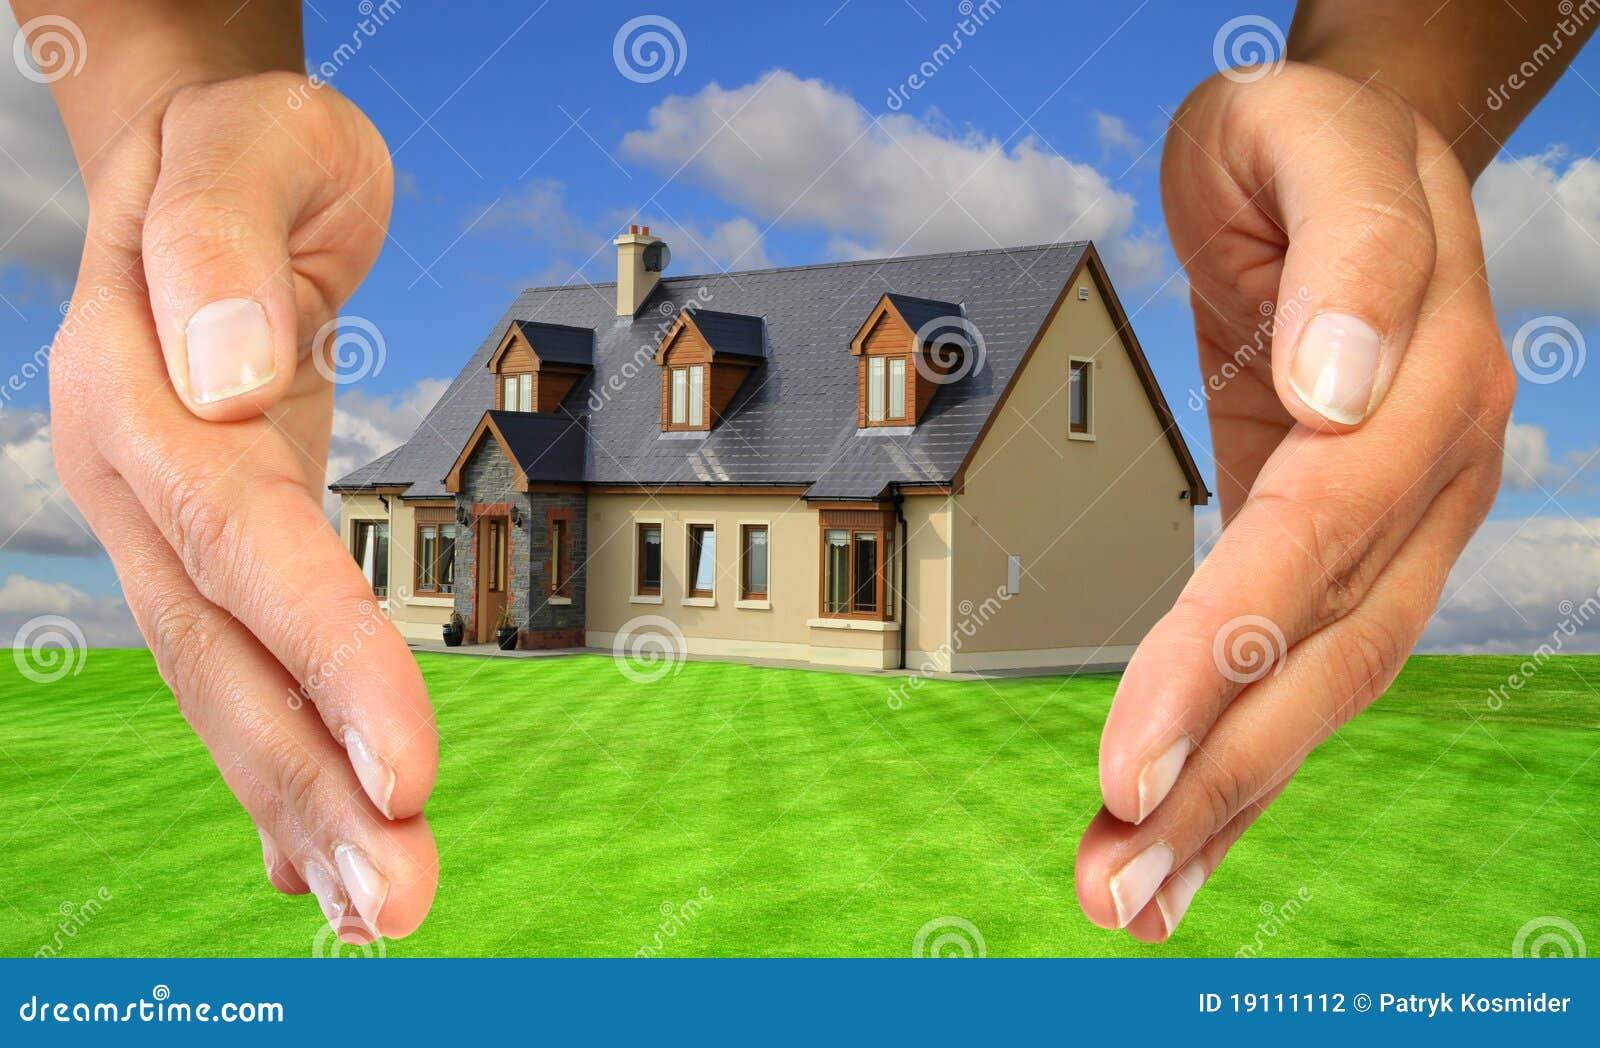 fa6a663fb7bef Sua proteção da casa foto de stock. Imagem de objeto - 19111112